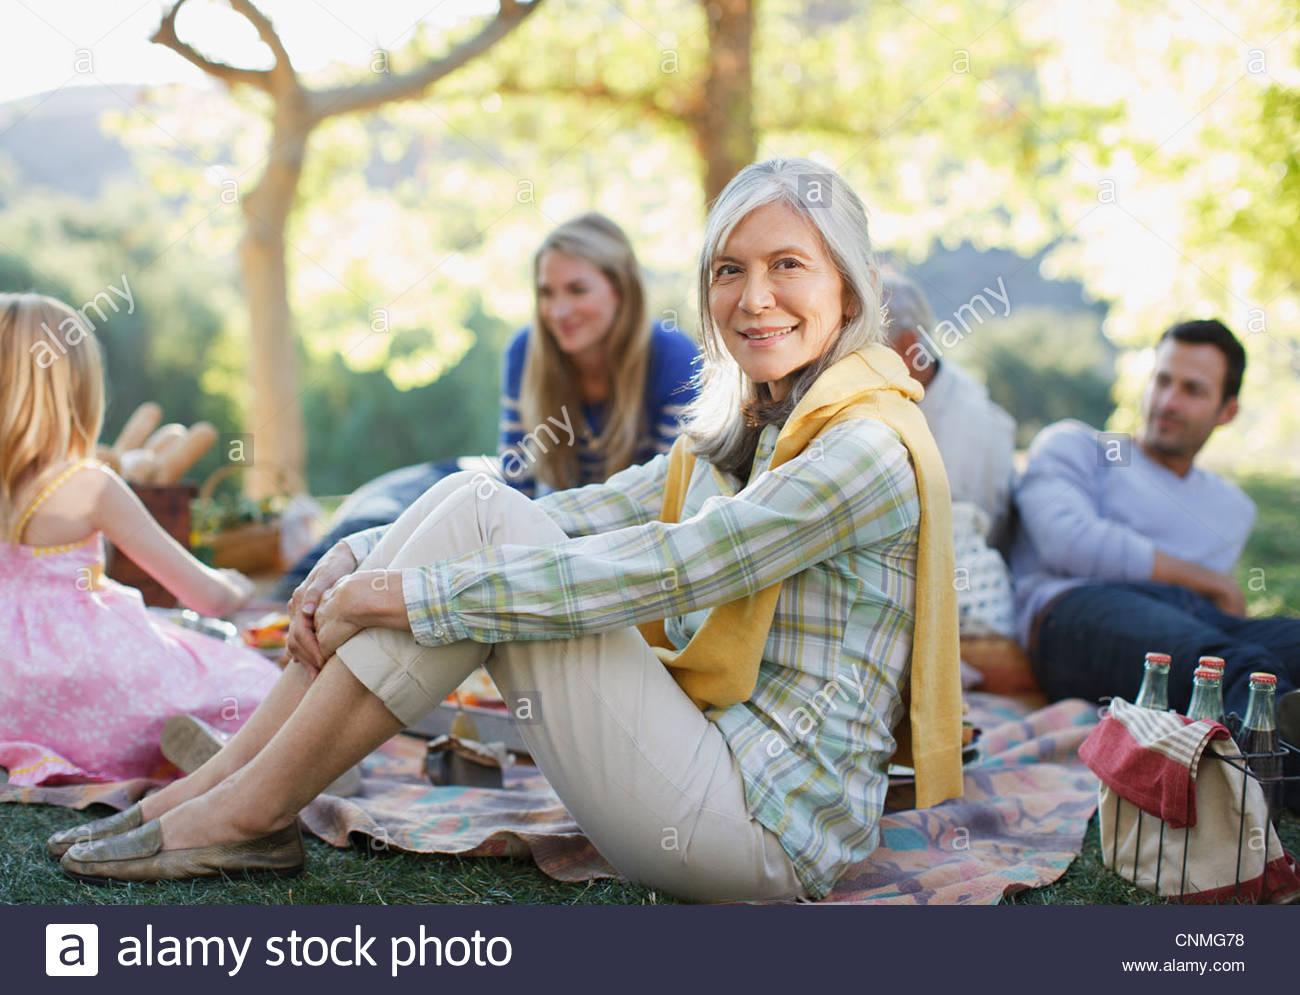 Familie zusammen Picknicken im freien Stockbild